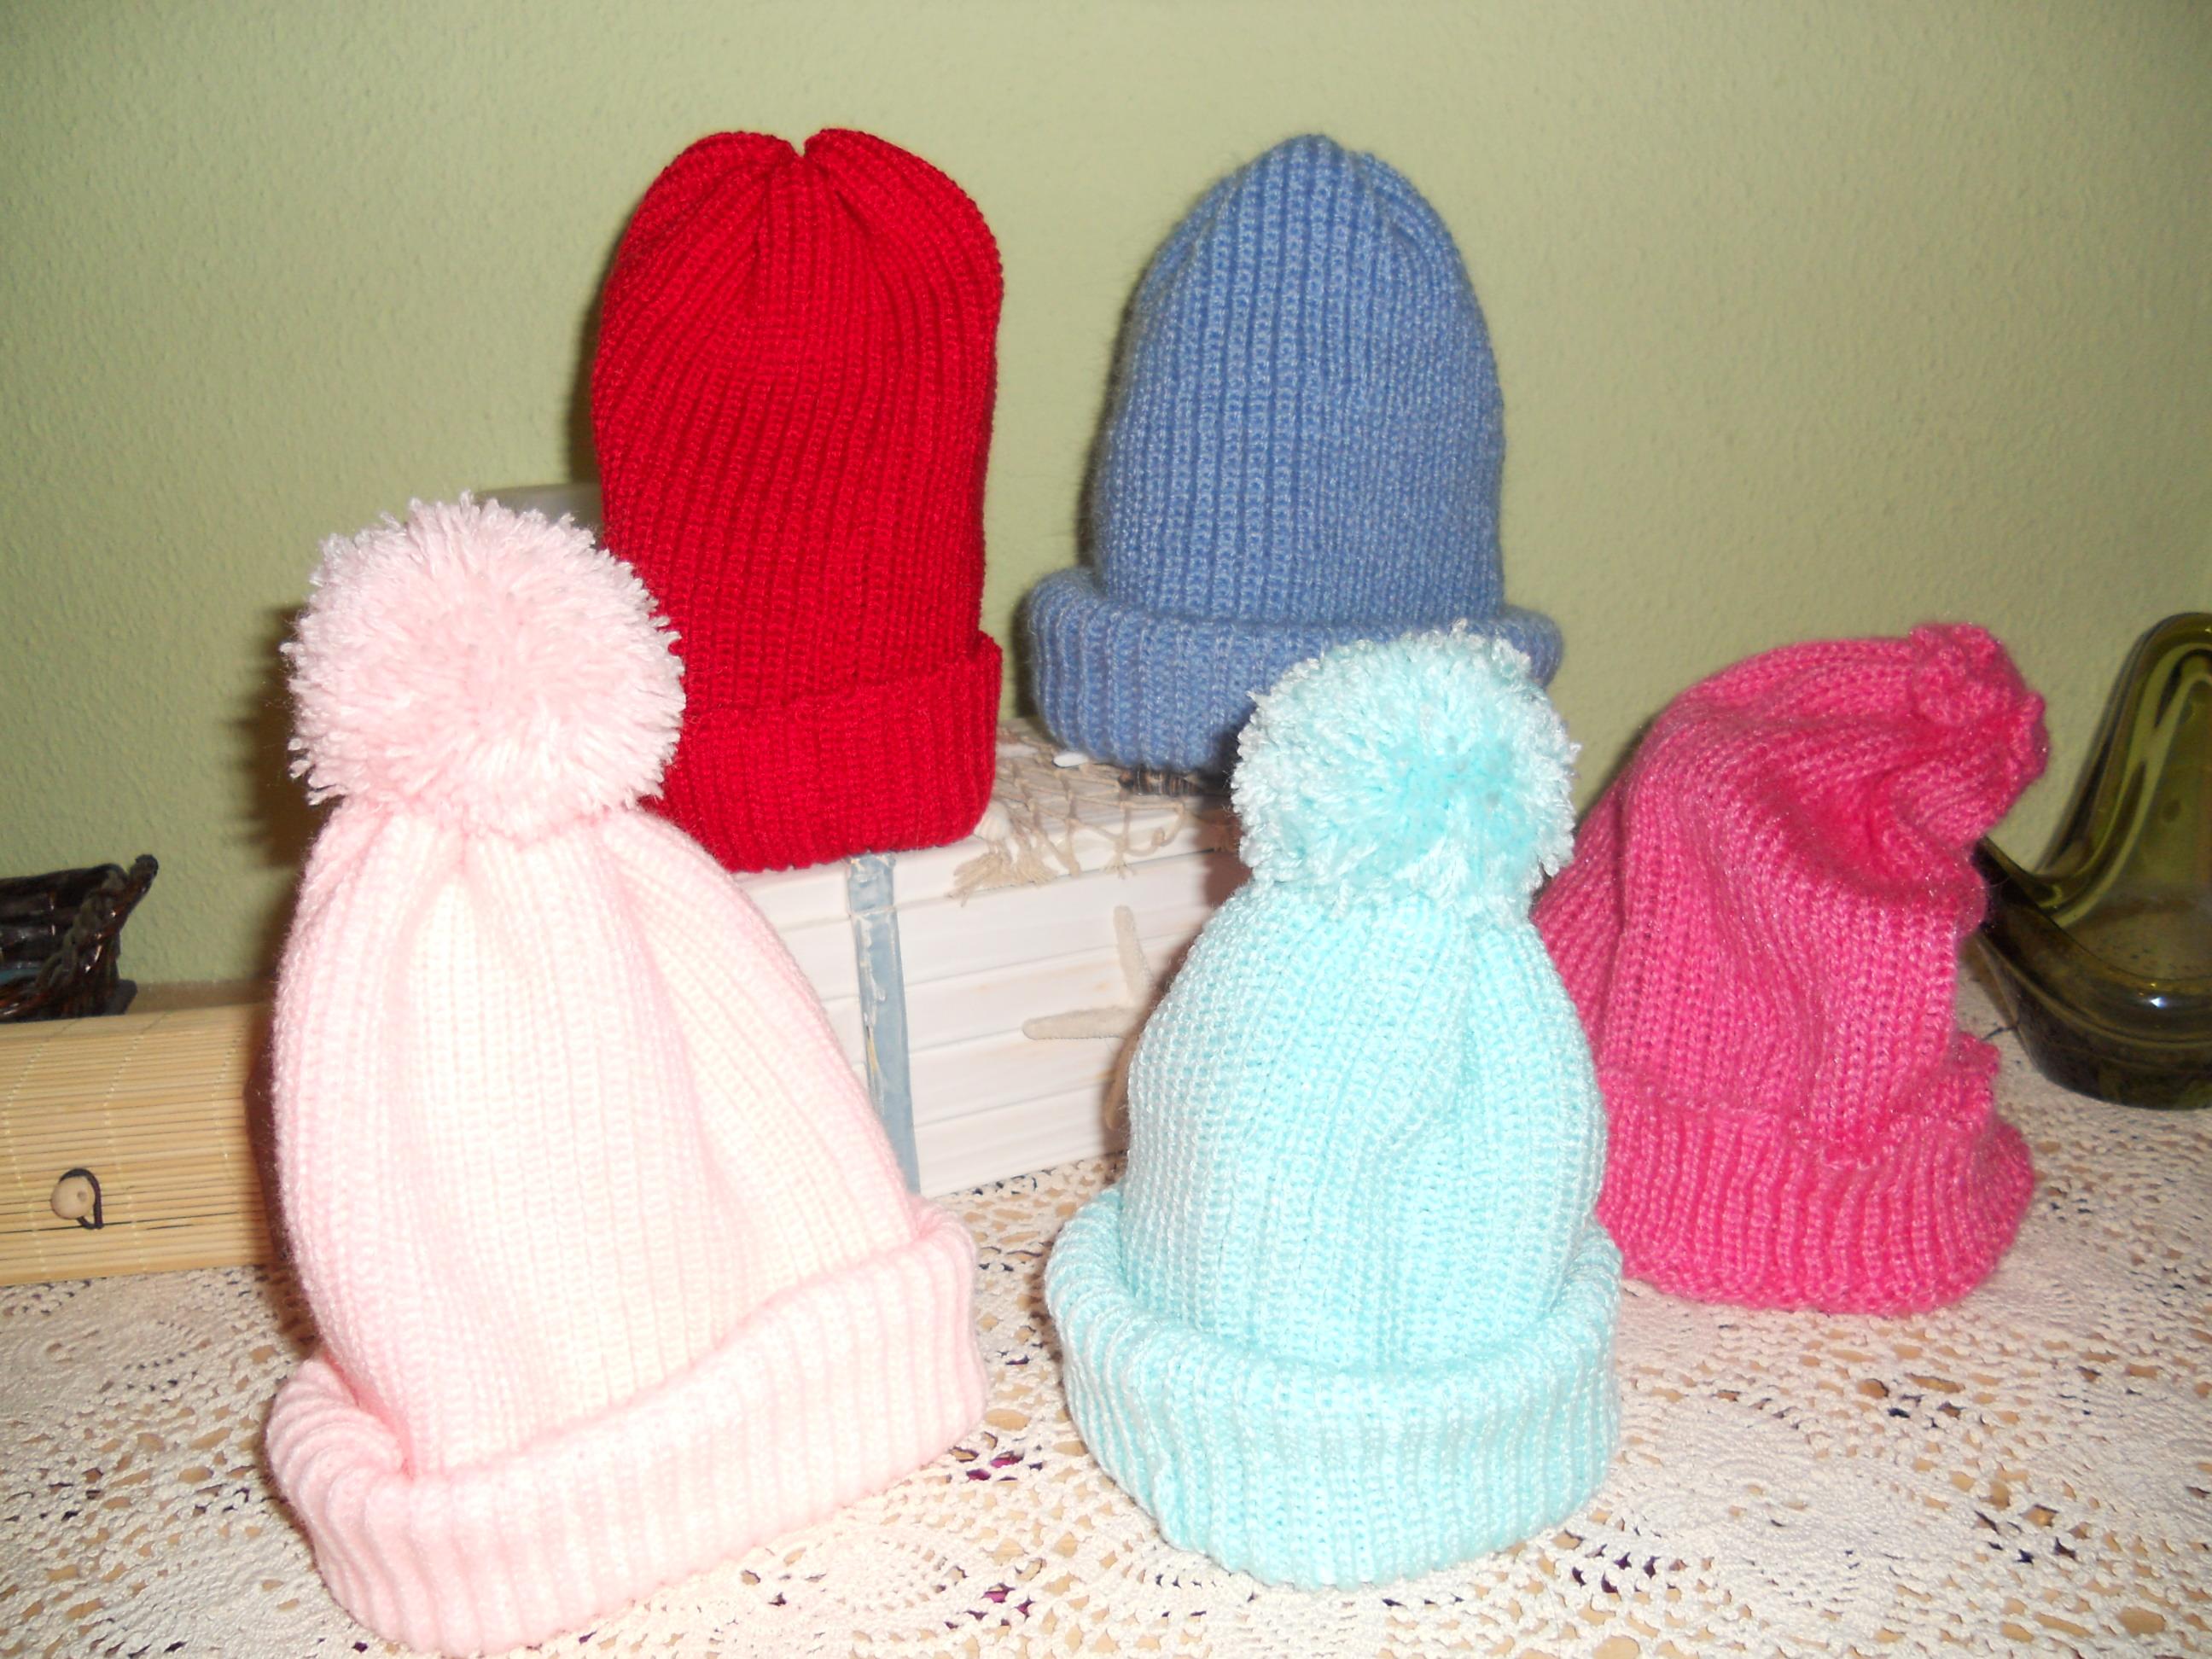 Vera accesorios manualidades y prendas aqu - Manualidades en lana ...